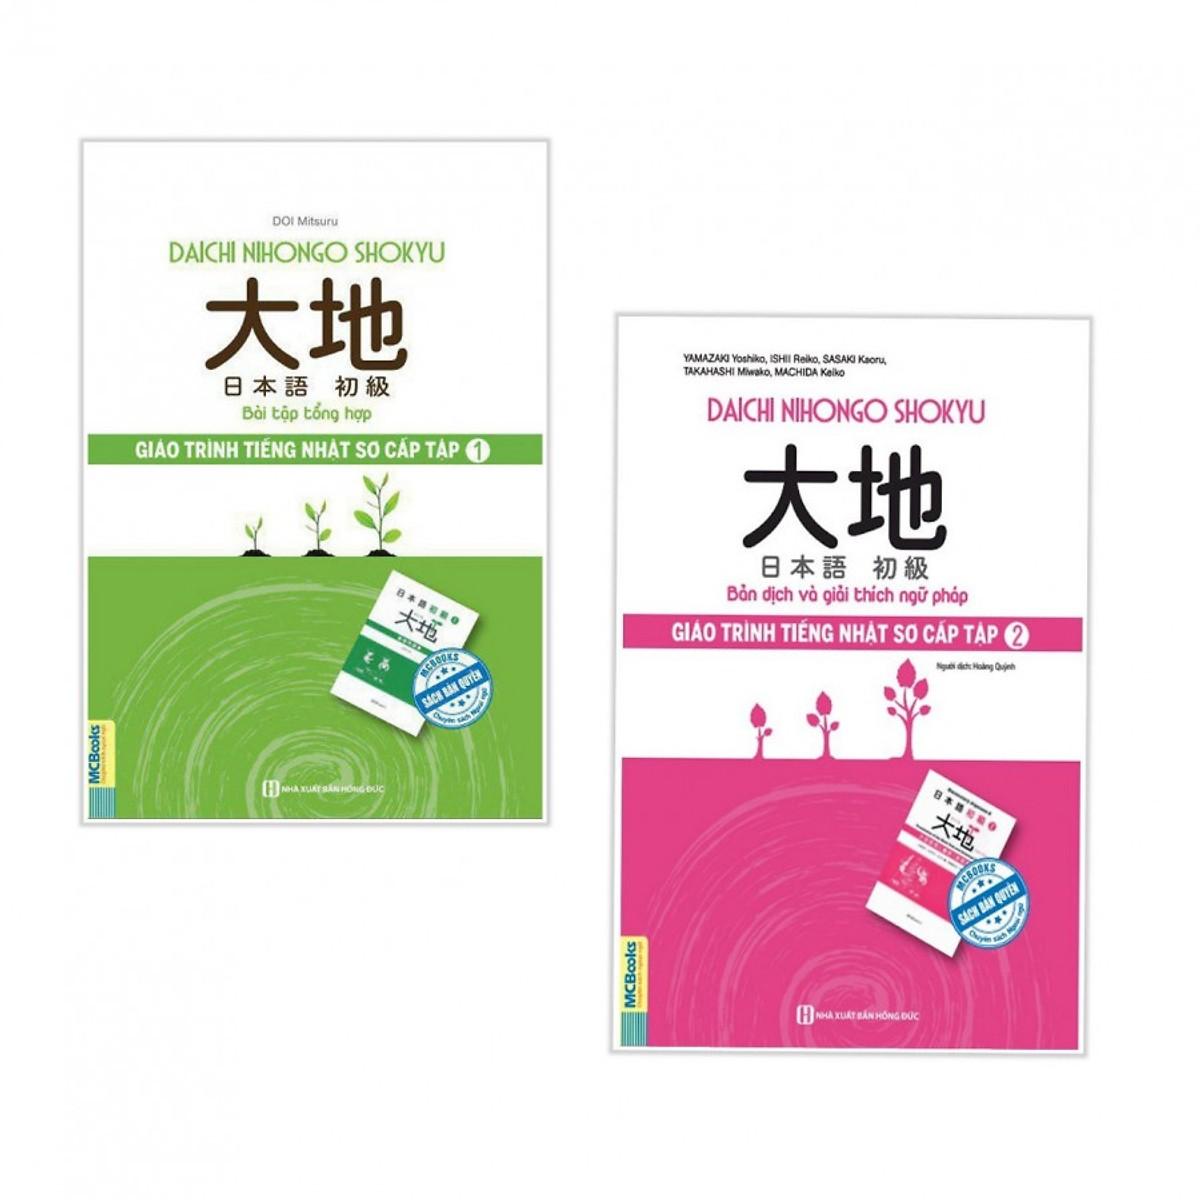 Combo Sách Học Tiếng Nhật Sơ Cấp: Giáo Trình Tiếng Nhật Daichi Sơ Cấp 1 - Bài Tập Tổng Hợp + Giáo Trình Tiếng Nhật Daichi Sơ Cấp 2